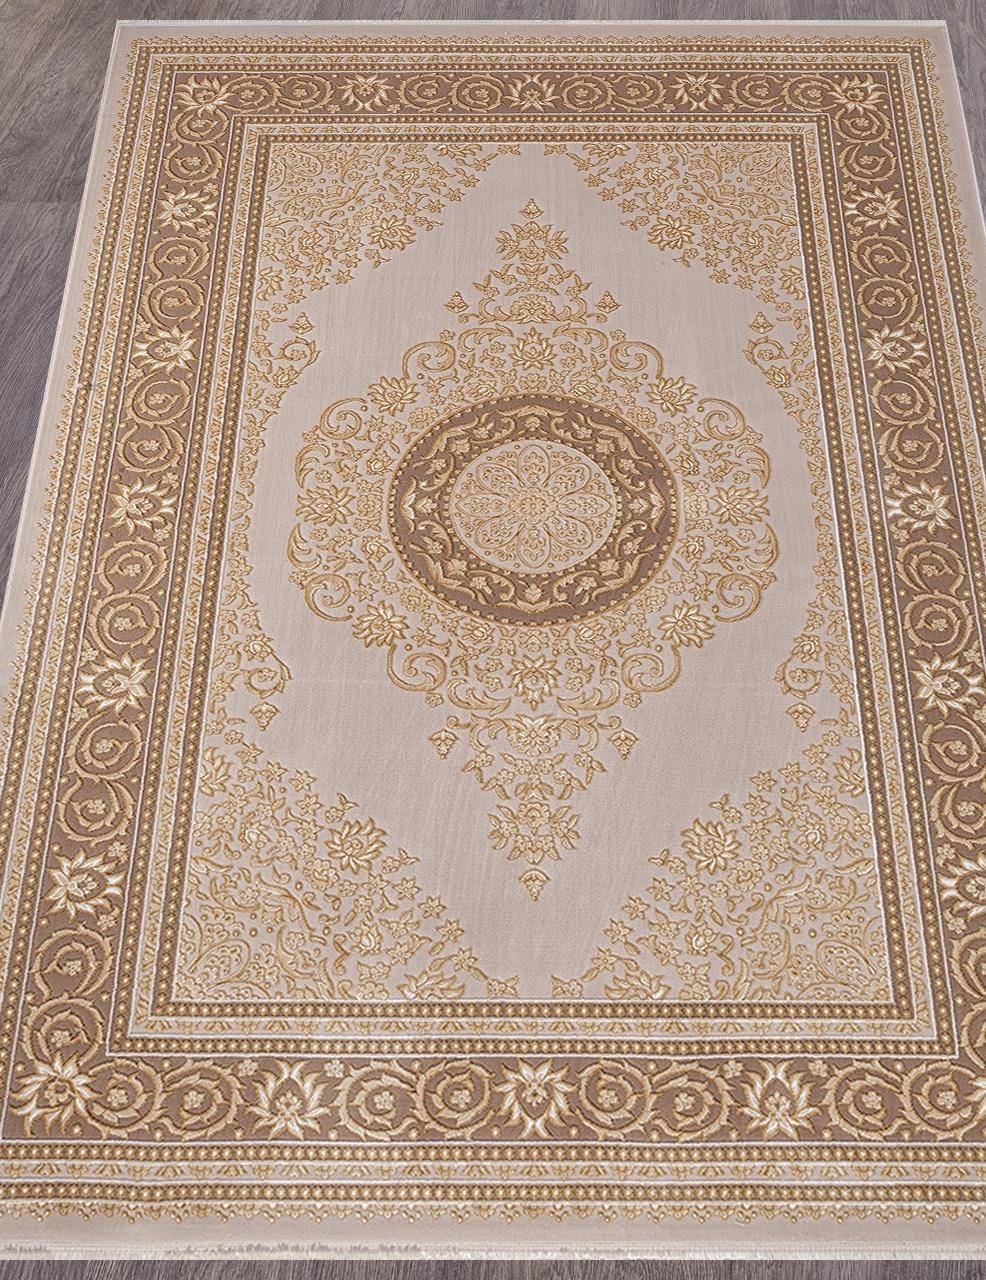 Ковер 33030 - 070 BEIGE - Прямоугольник - коллекция QATAR - фото 1